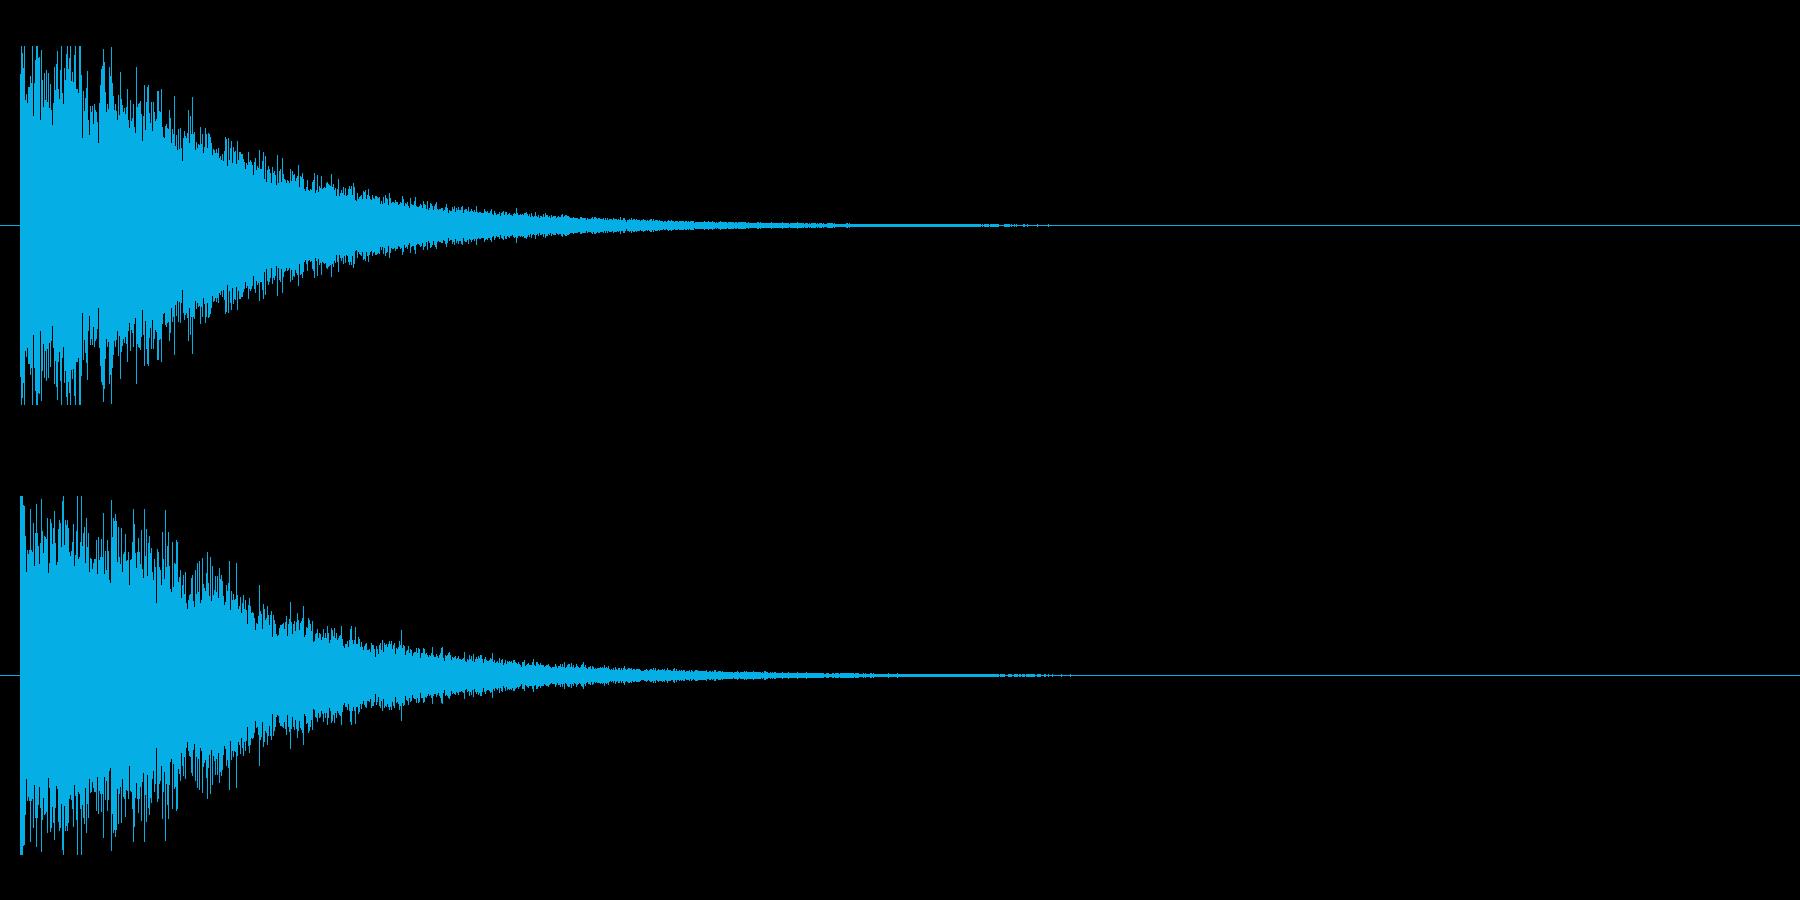 レーザー音-147-2の再生済みの波形